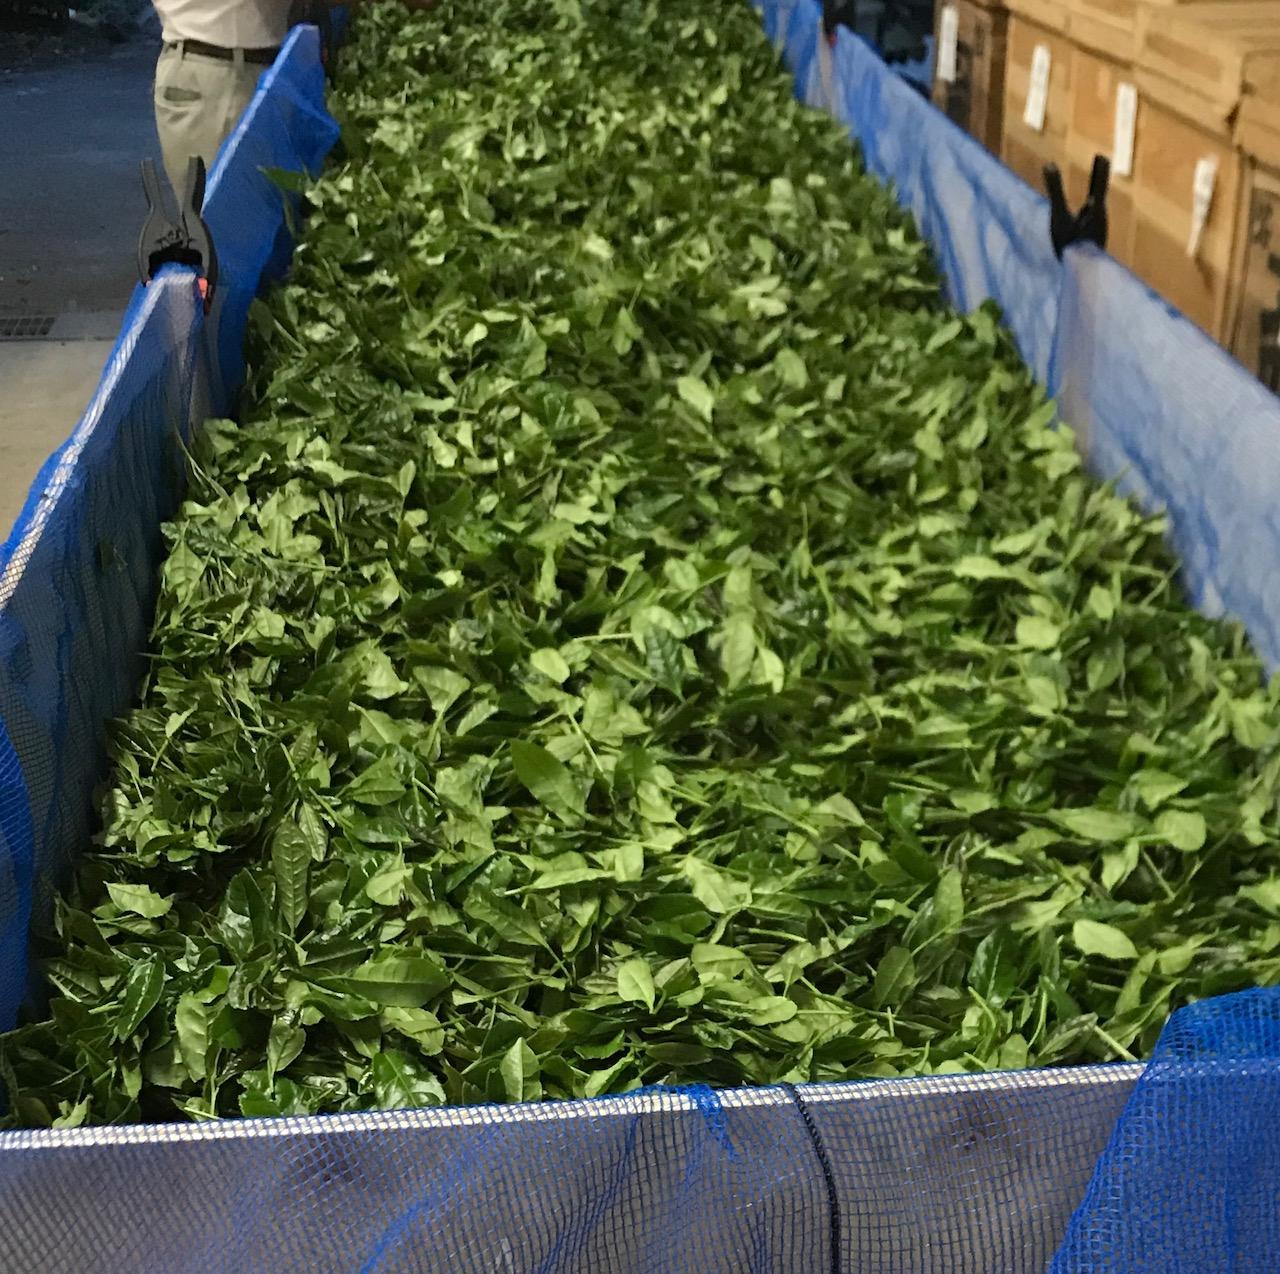 萎凋中の生葉です。下から風をあてながら葉の水分を丁寧に減らしていきます。紅茶を作るうえでとても大切な工程です。